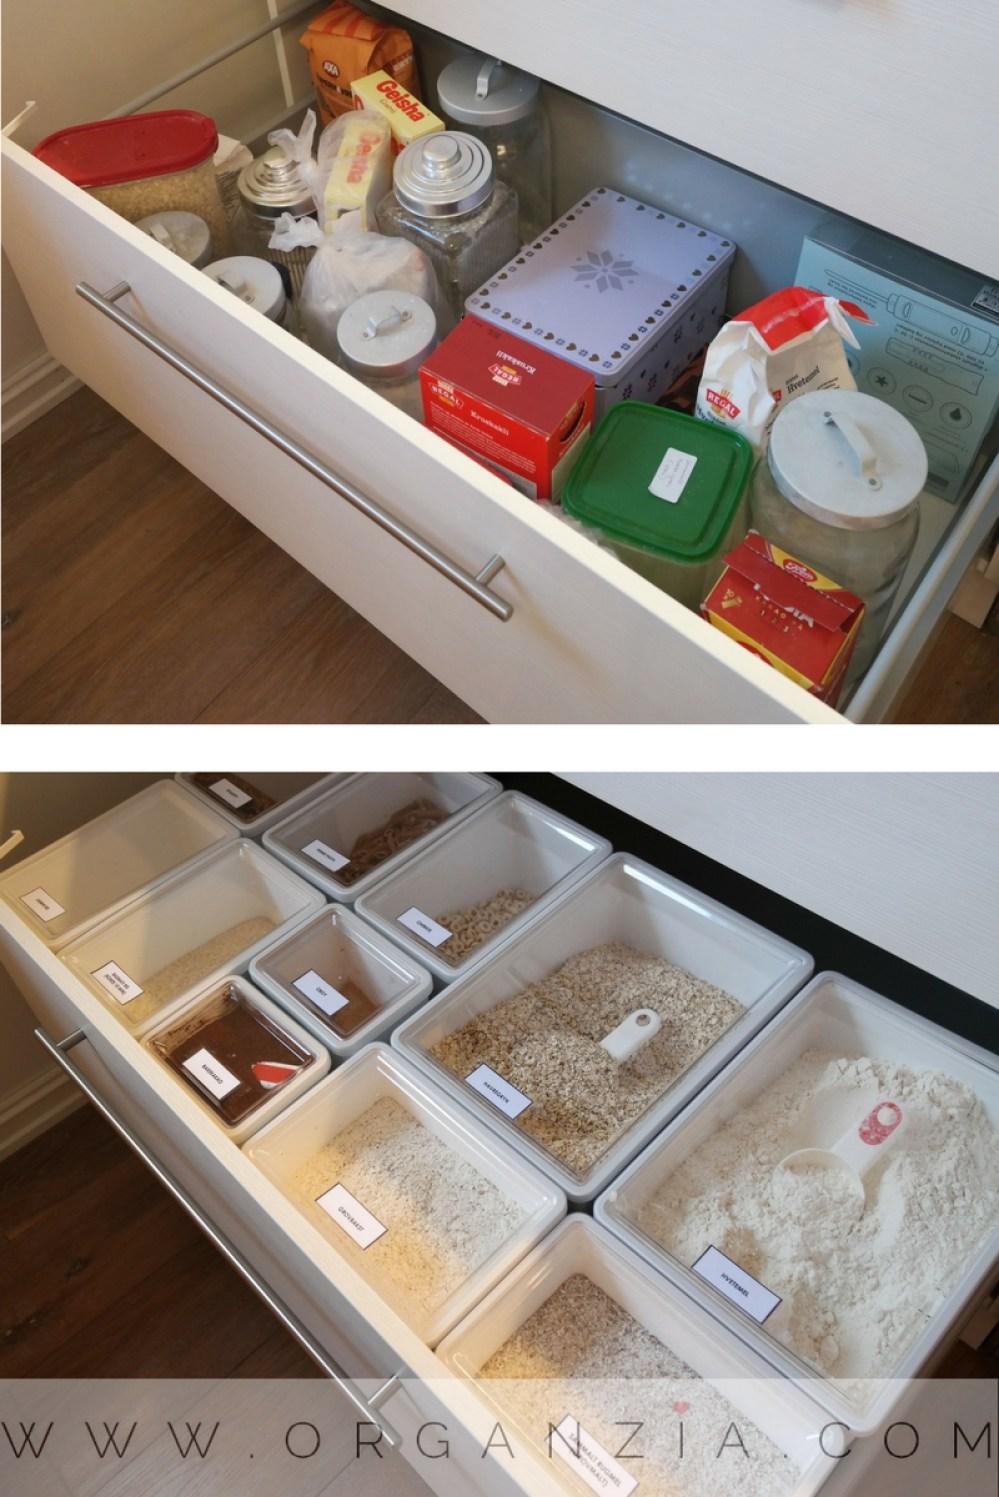 Organize the kitchen drawer